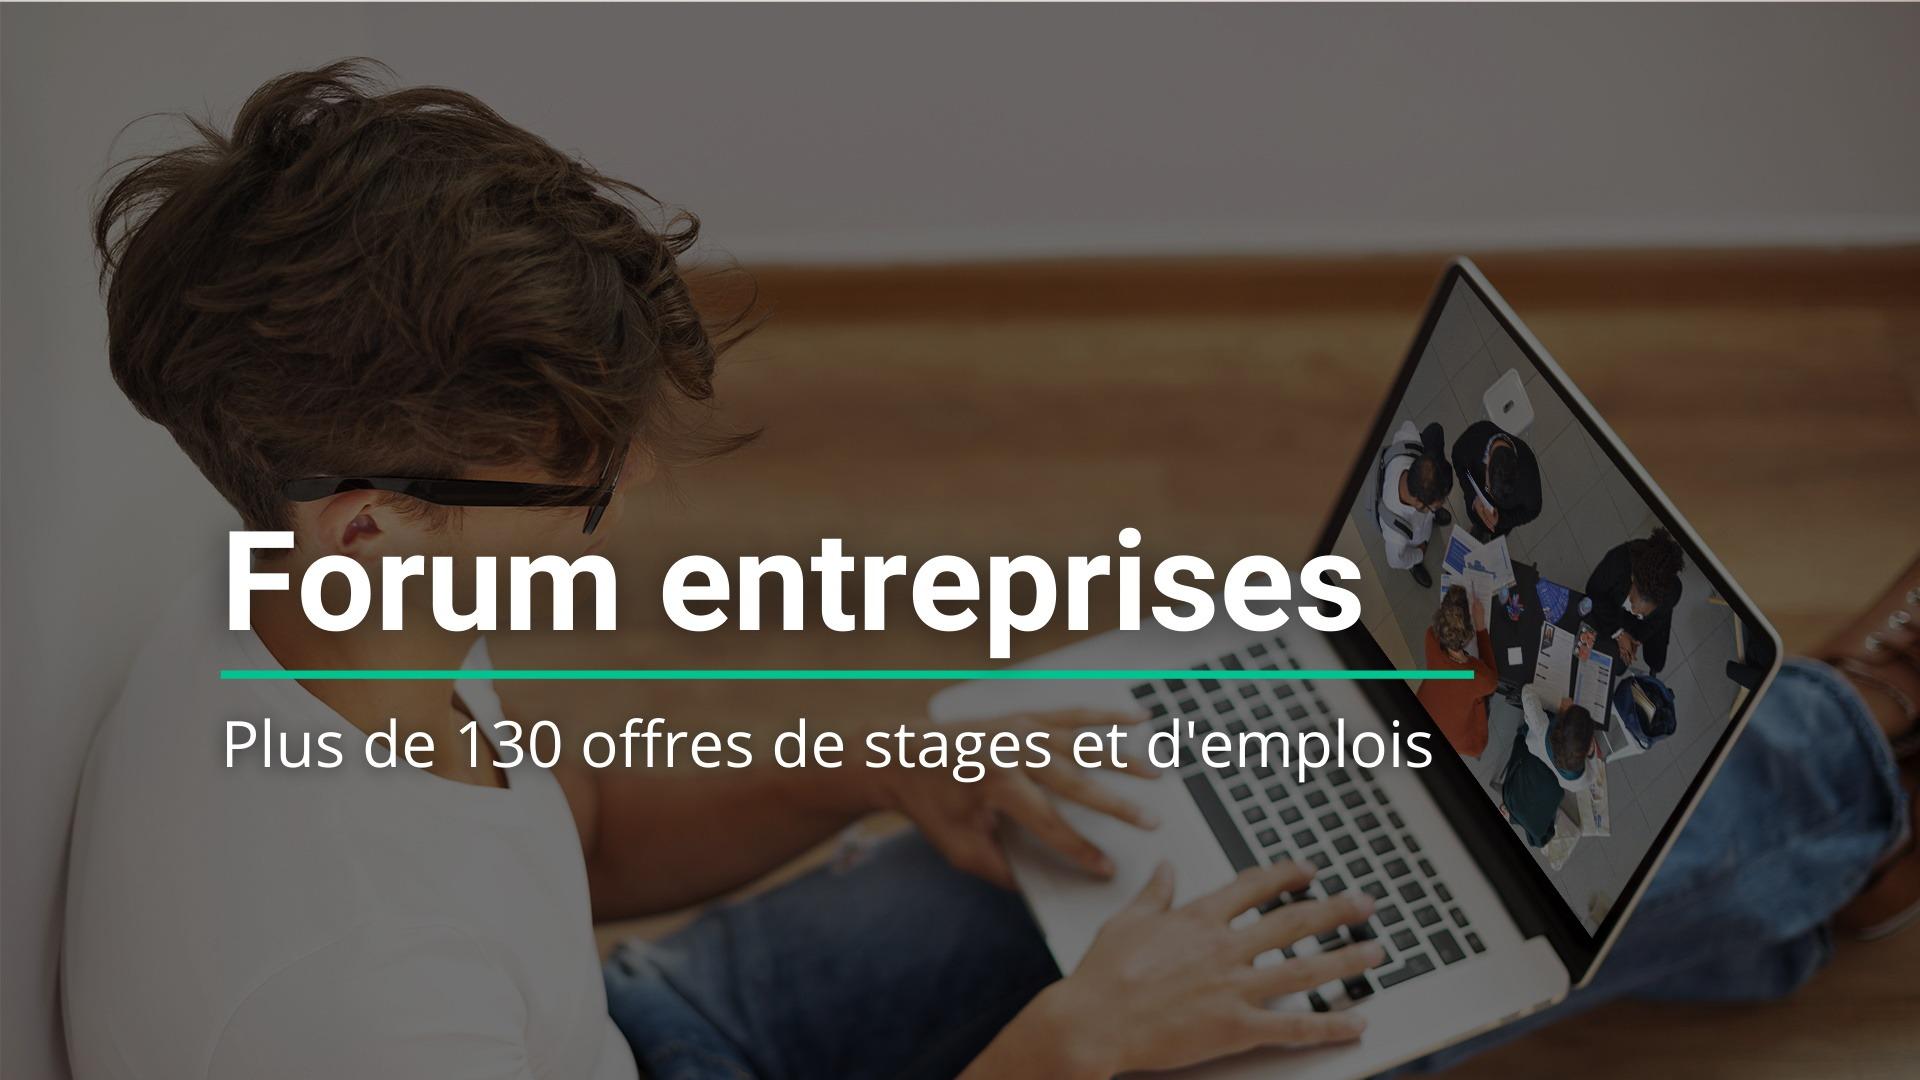 forum entreprise eigsi